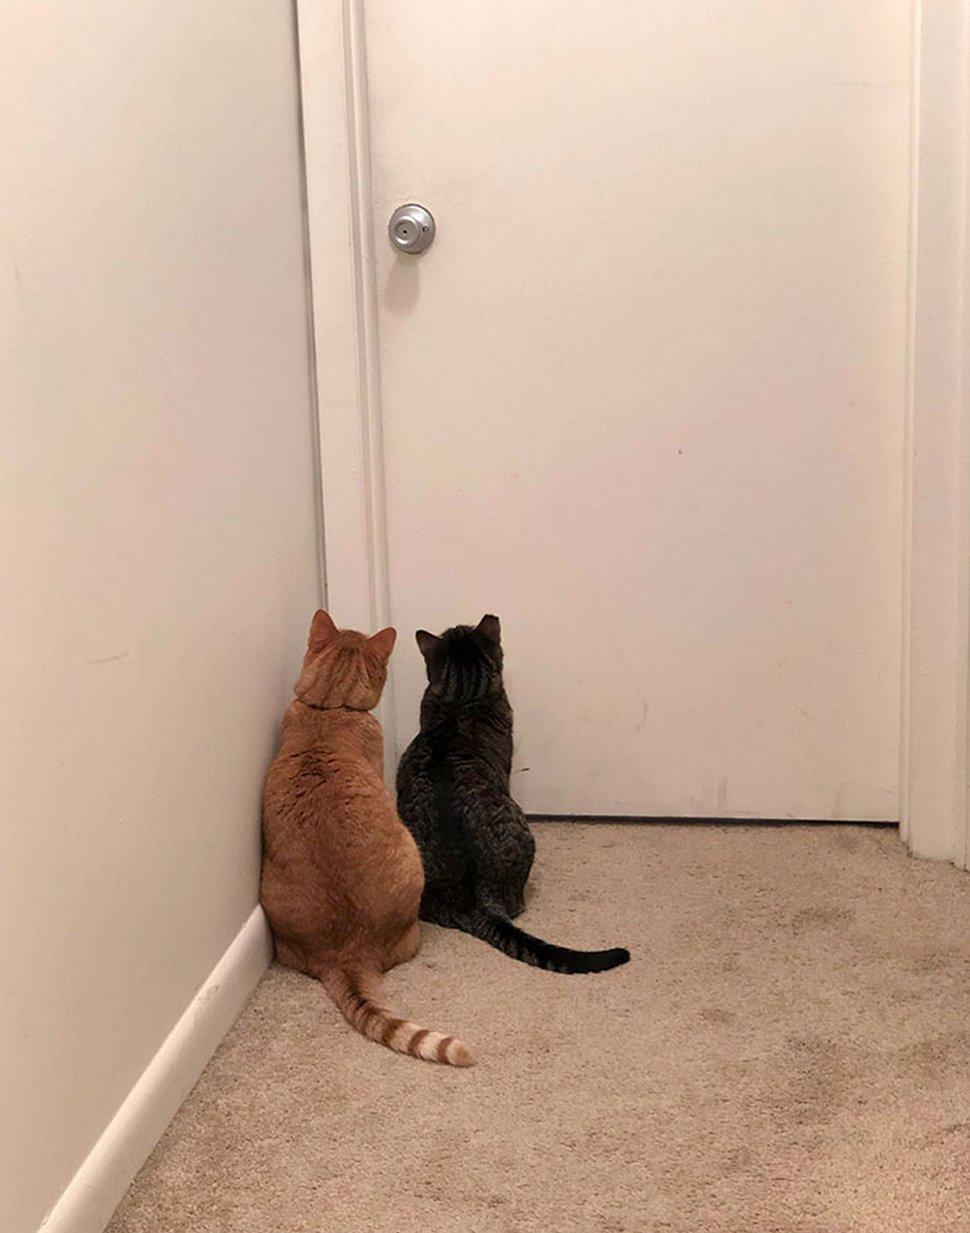 Ces chats envahissent l'espace personnel des gens ! Par Janvier Doyon Chats-envahissent-espace-personnel-010